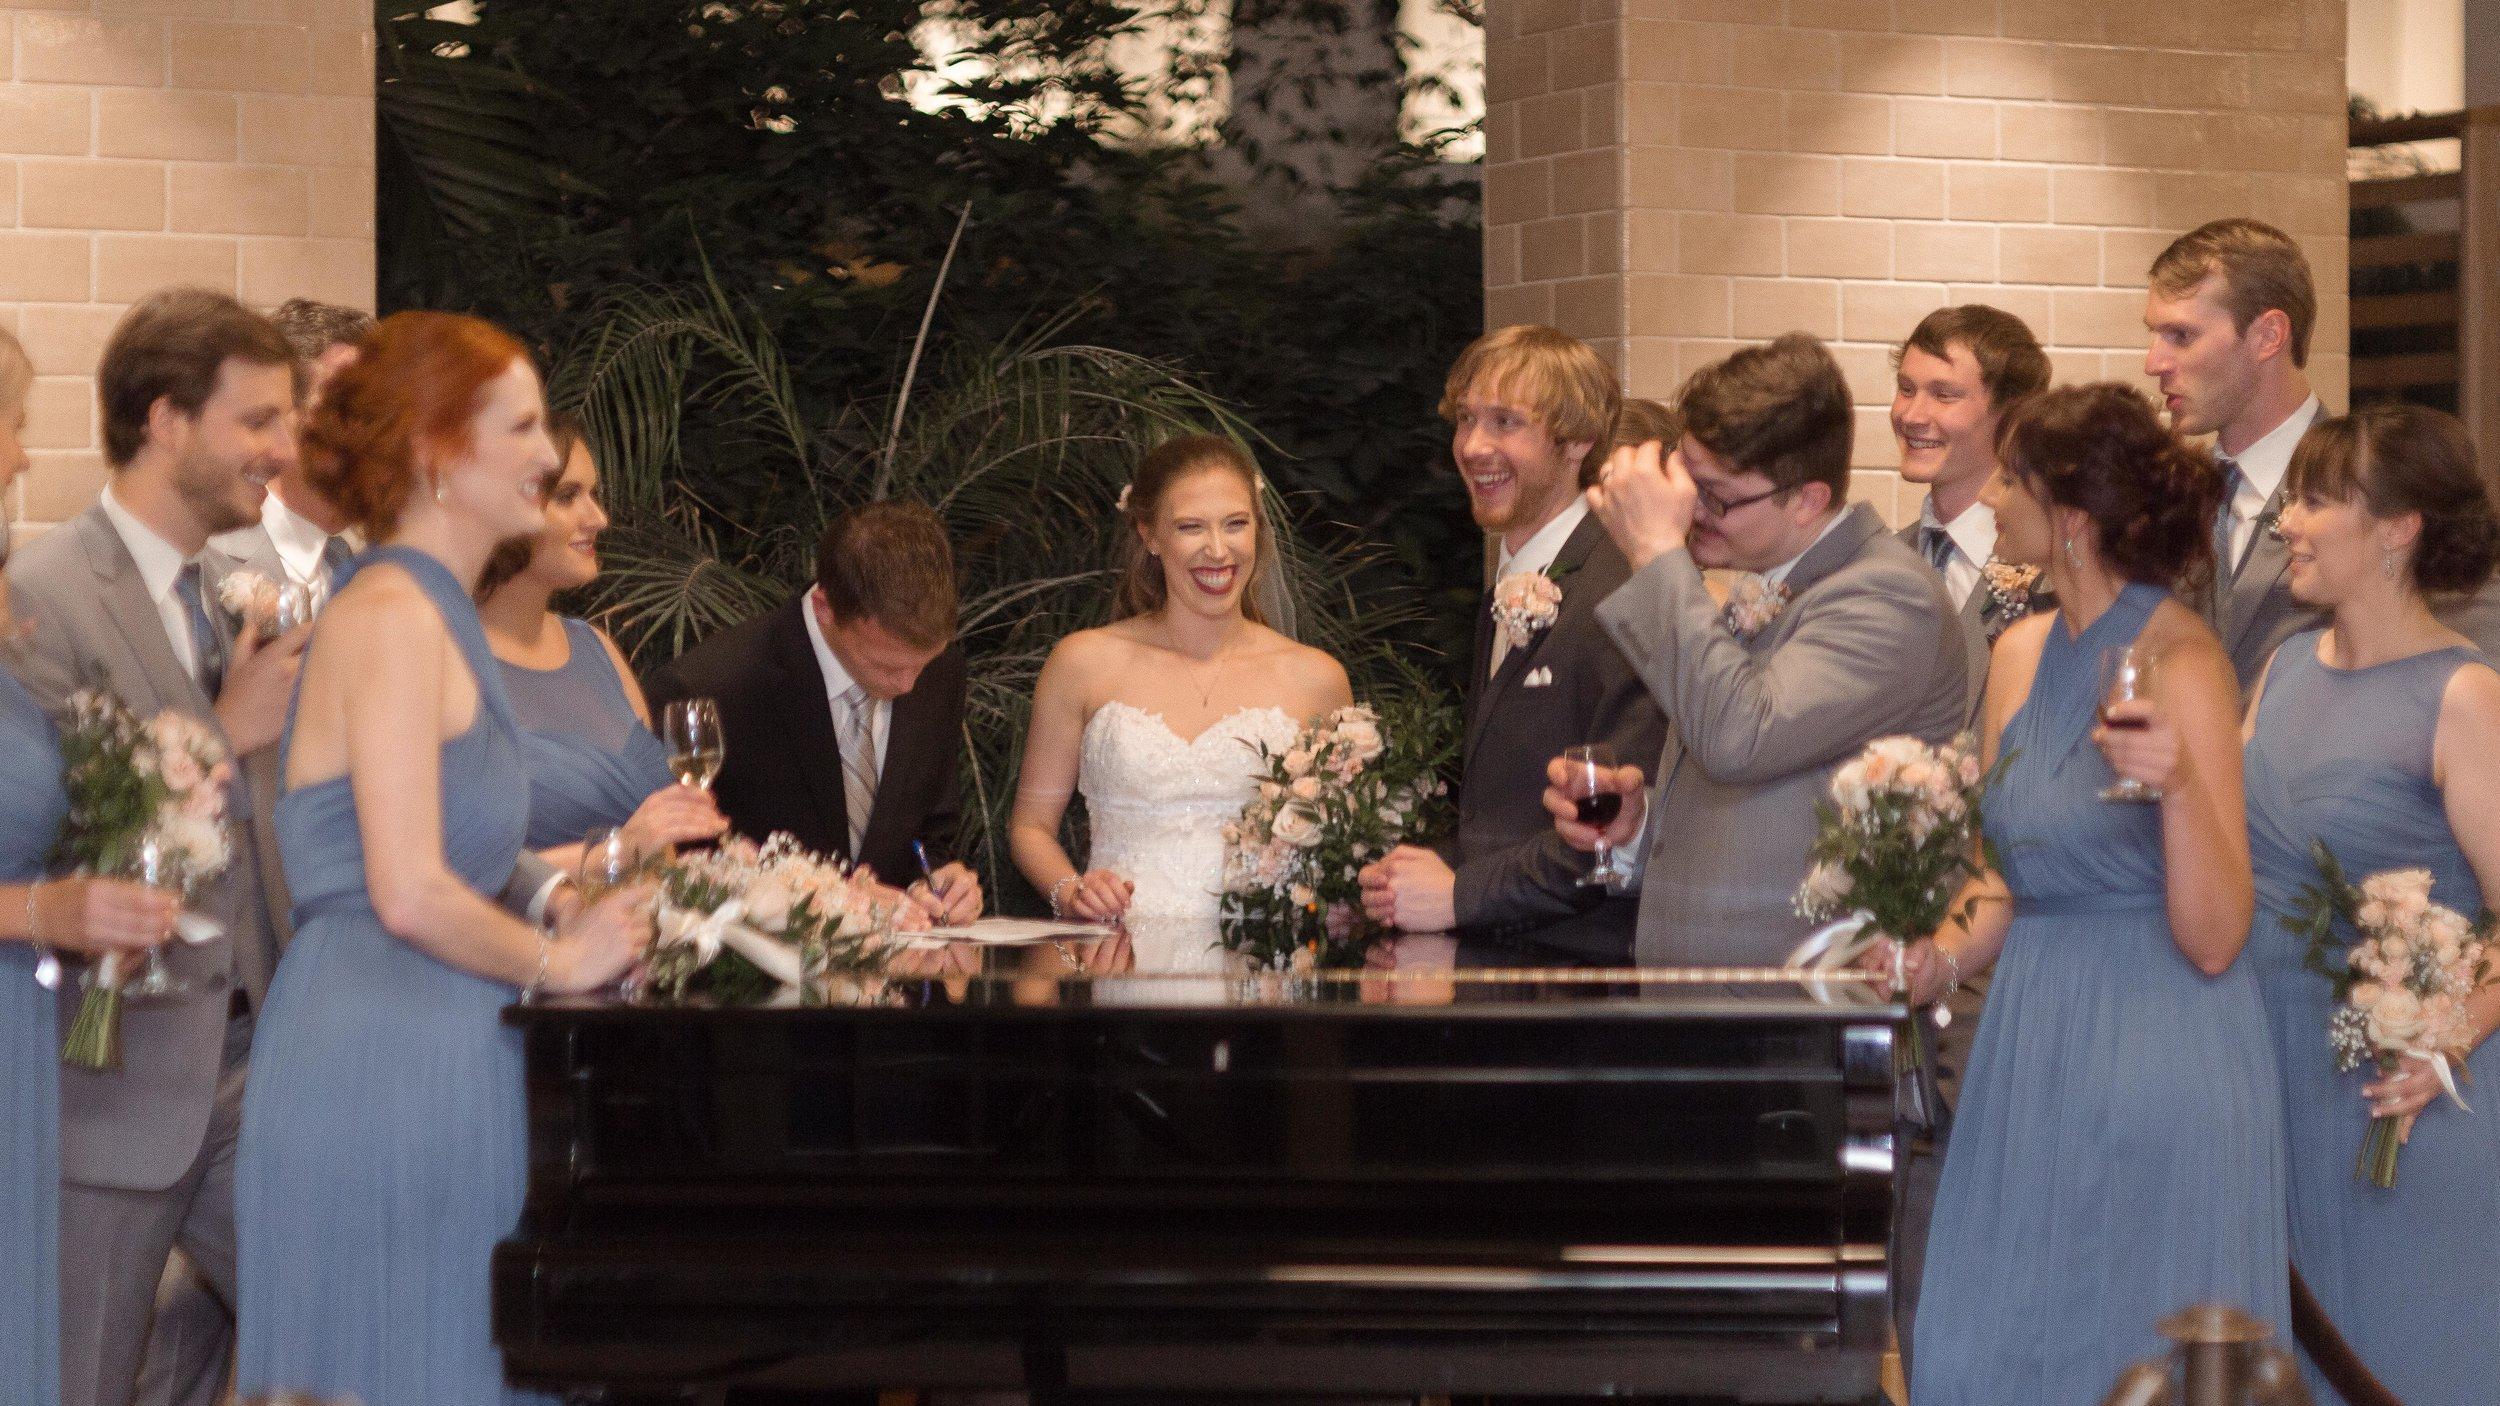 C_Wedding_Spellman, Megan & Tyler_10.27.18-1702.JPG